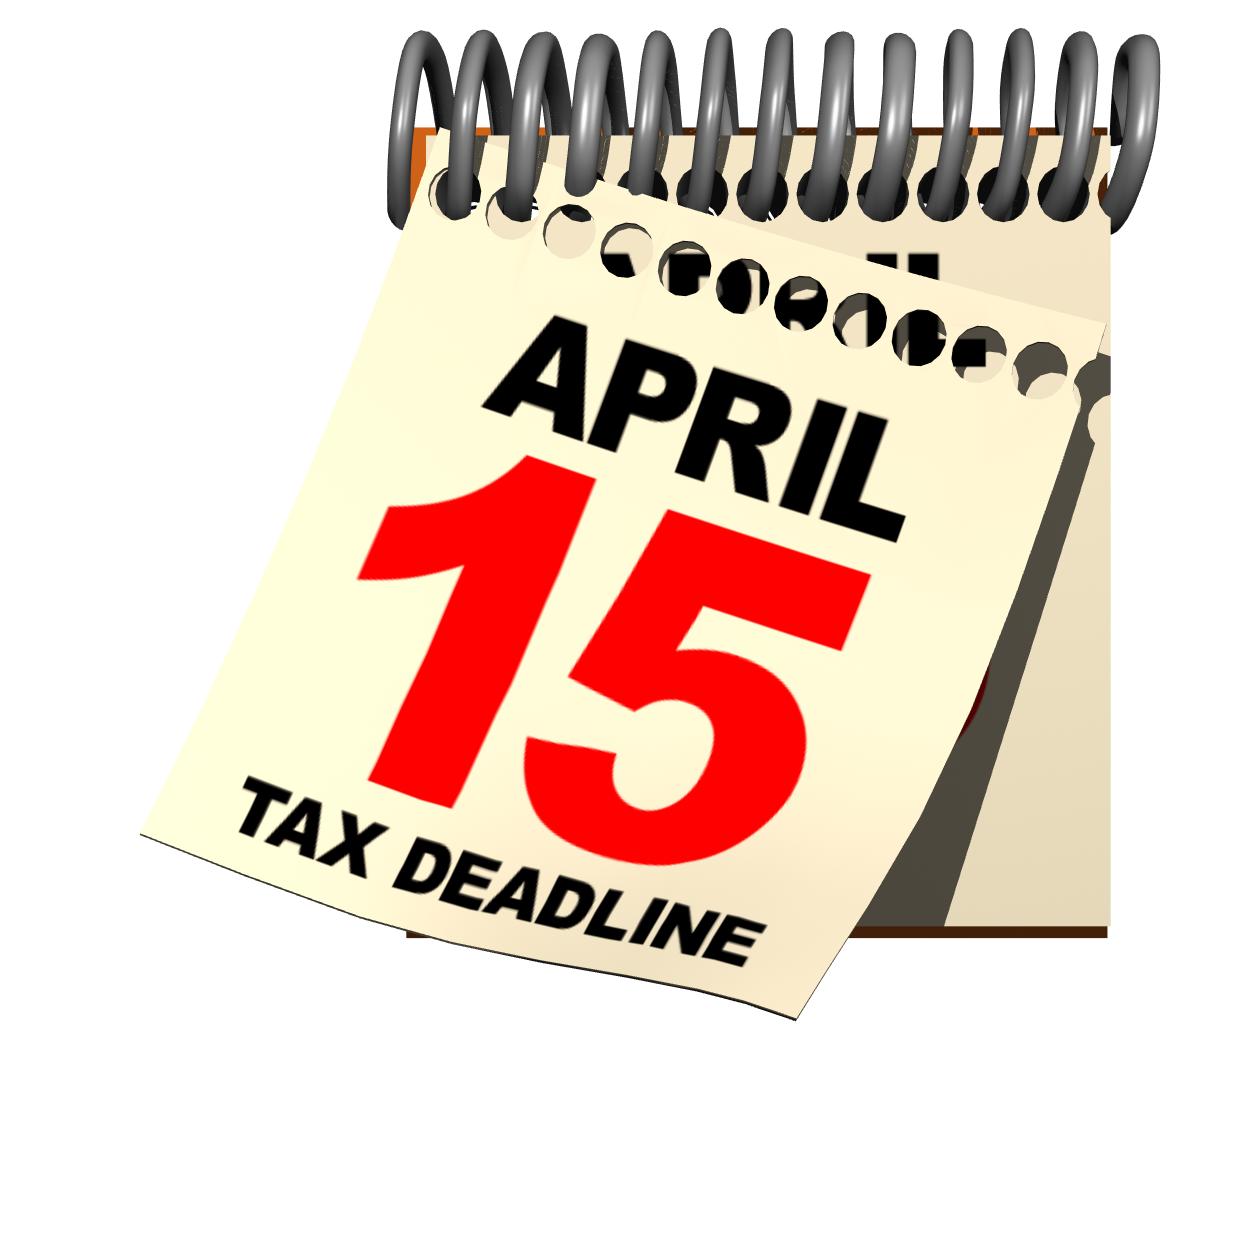 april 15 deadline - Taxes Due PNG